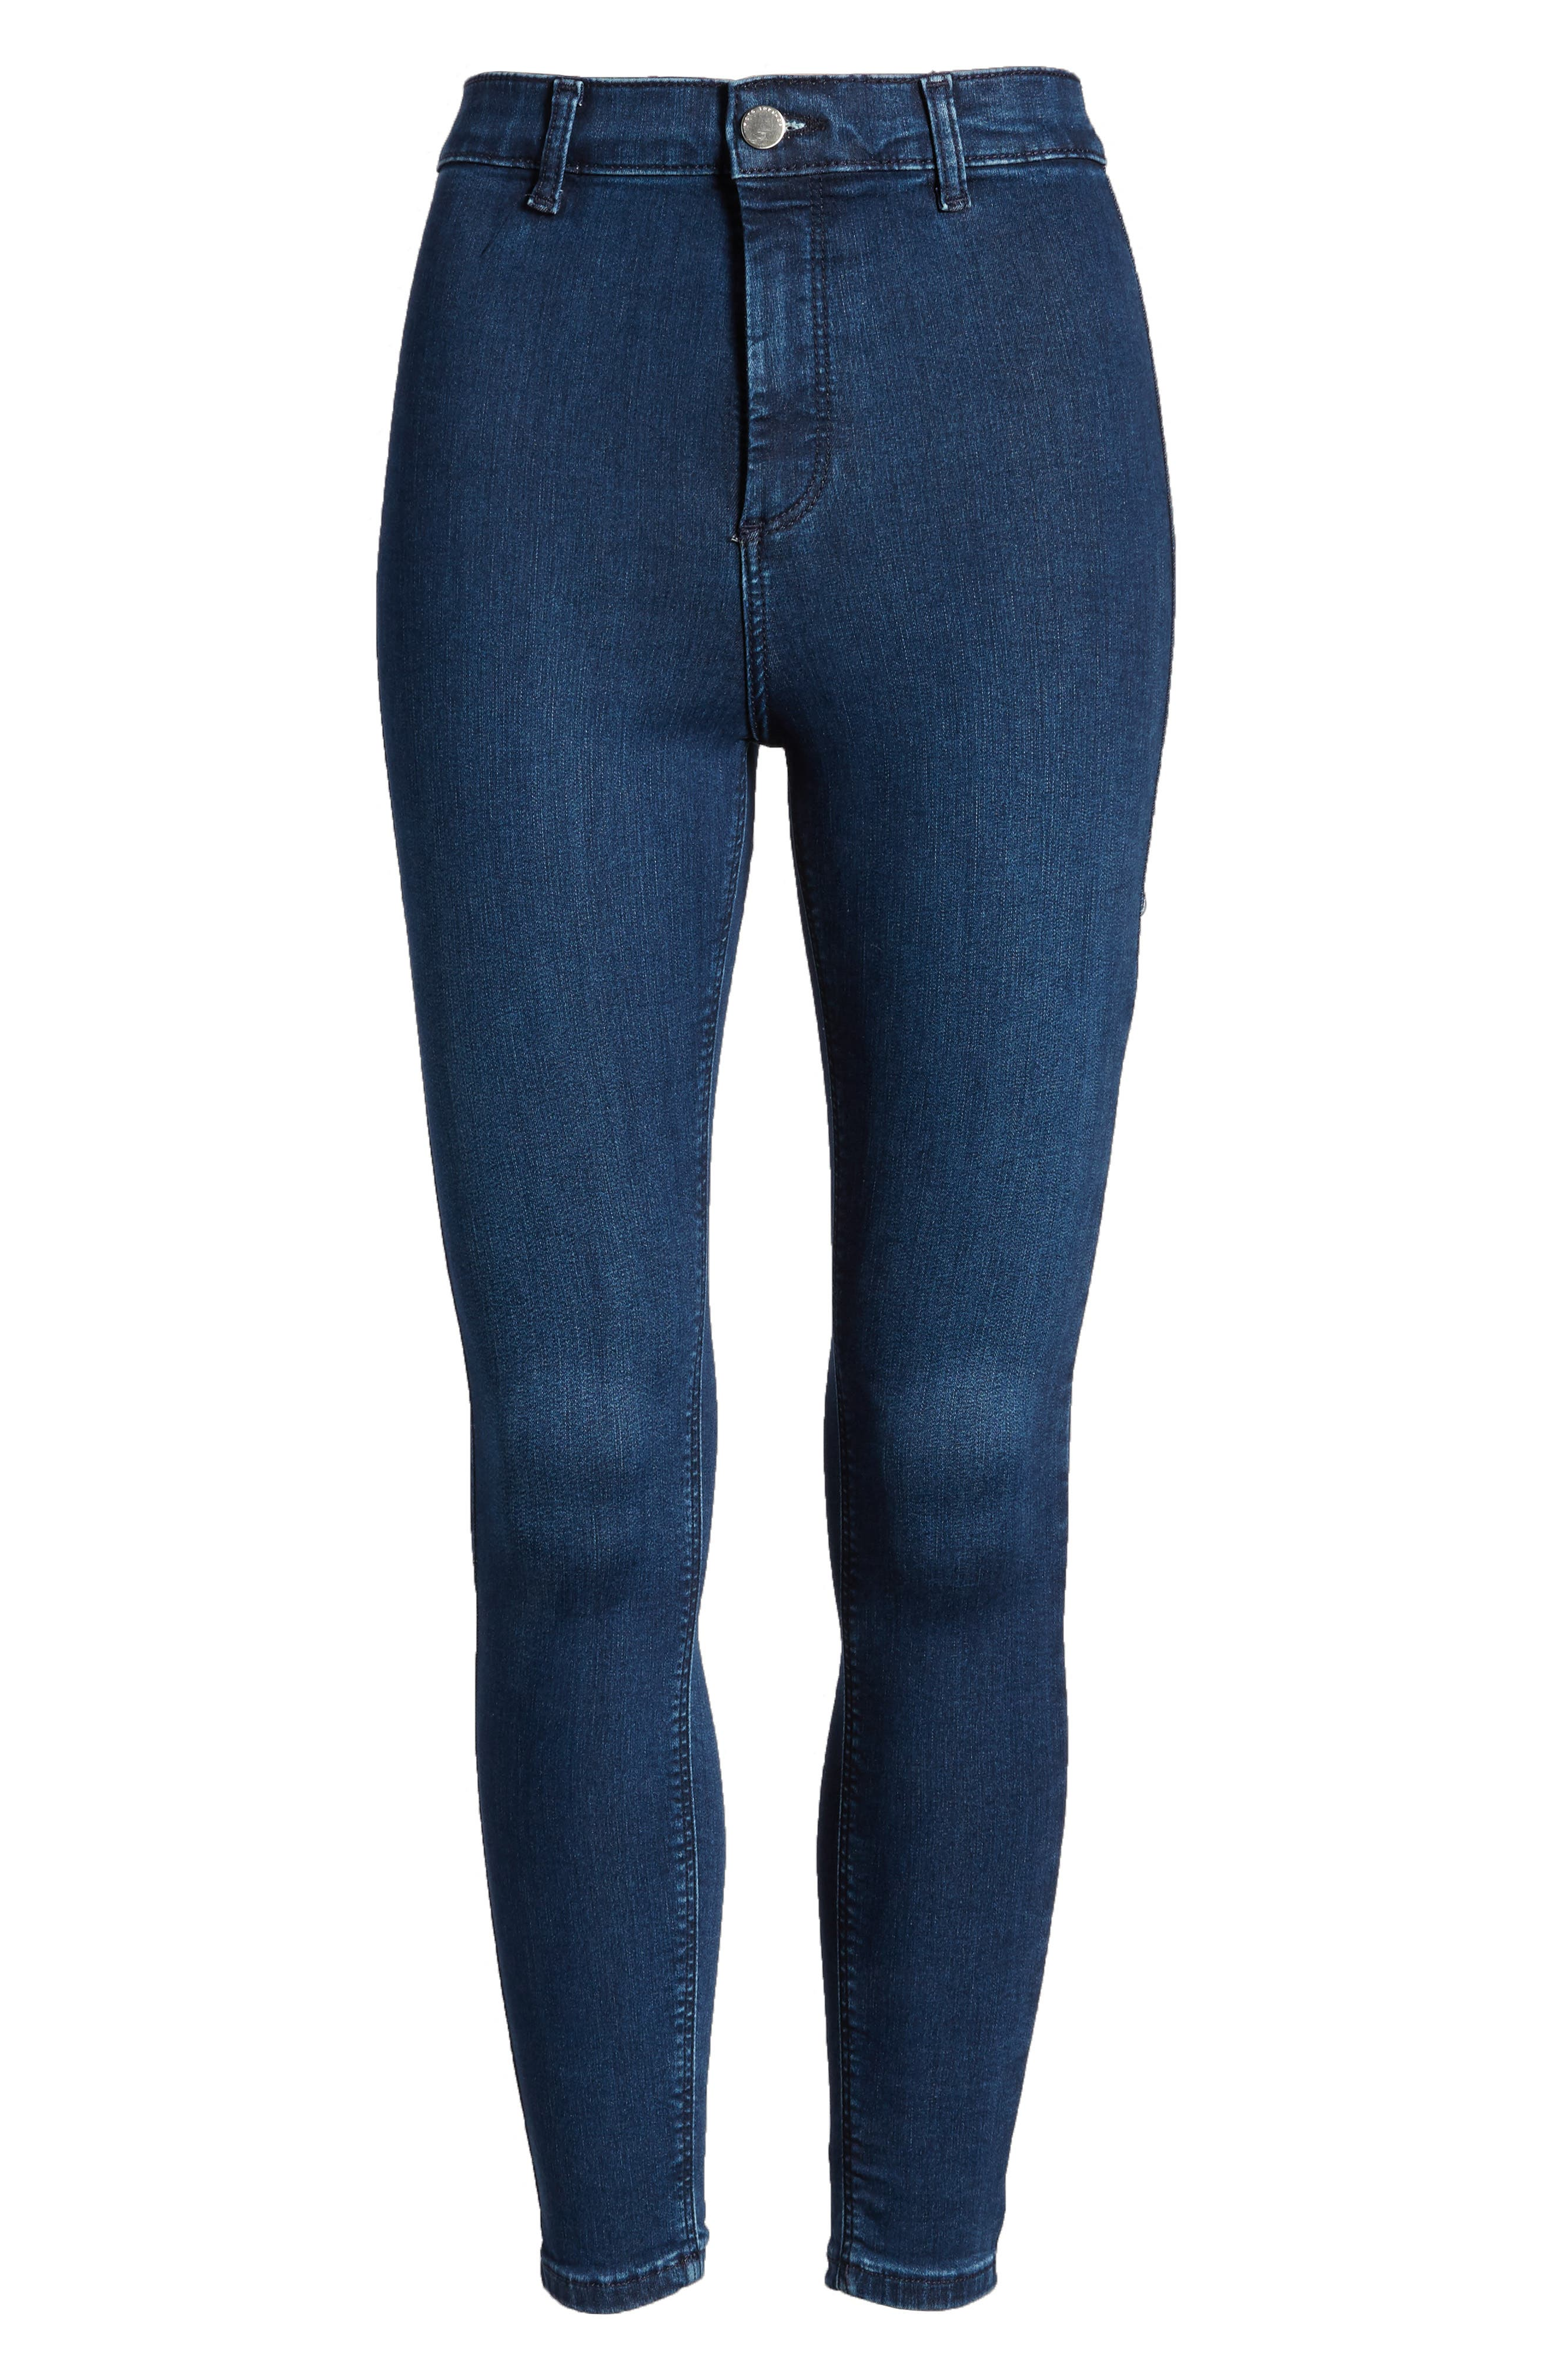 Moto Joni Indigo Jeans,                             Alternate thumbnail 6, color,                             400